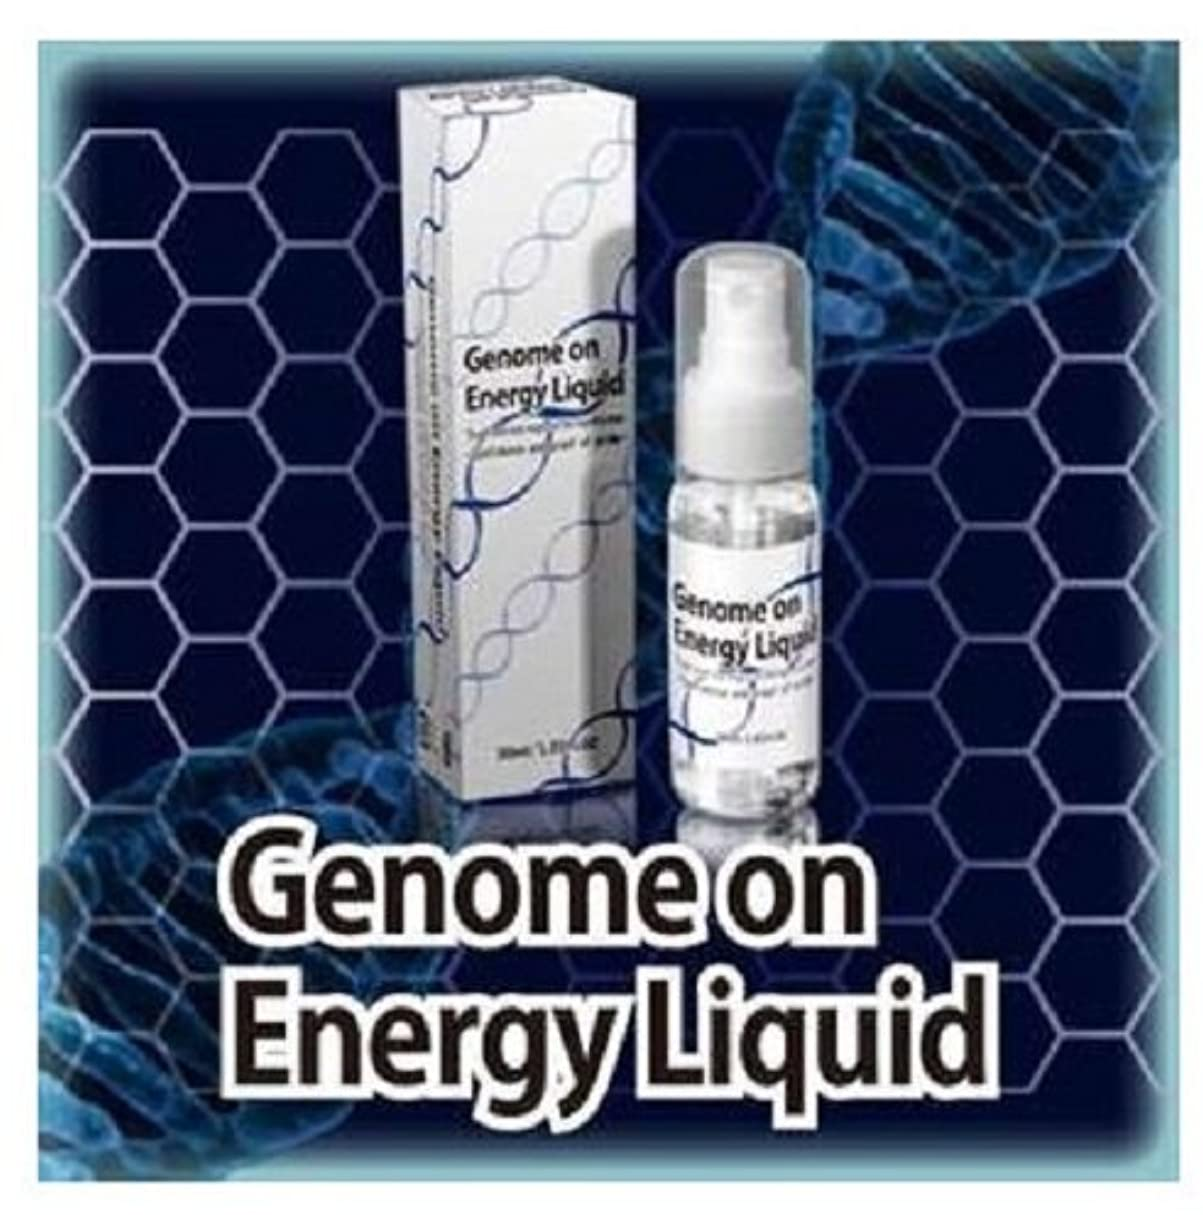 消す指紋戦いゲノムオンエナジーリキッド Genome on Energy Liquid